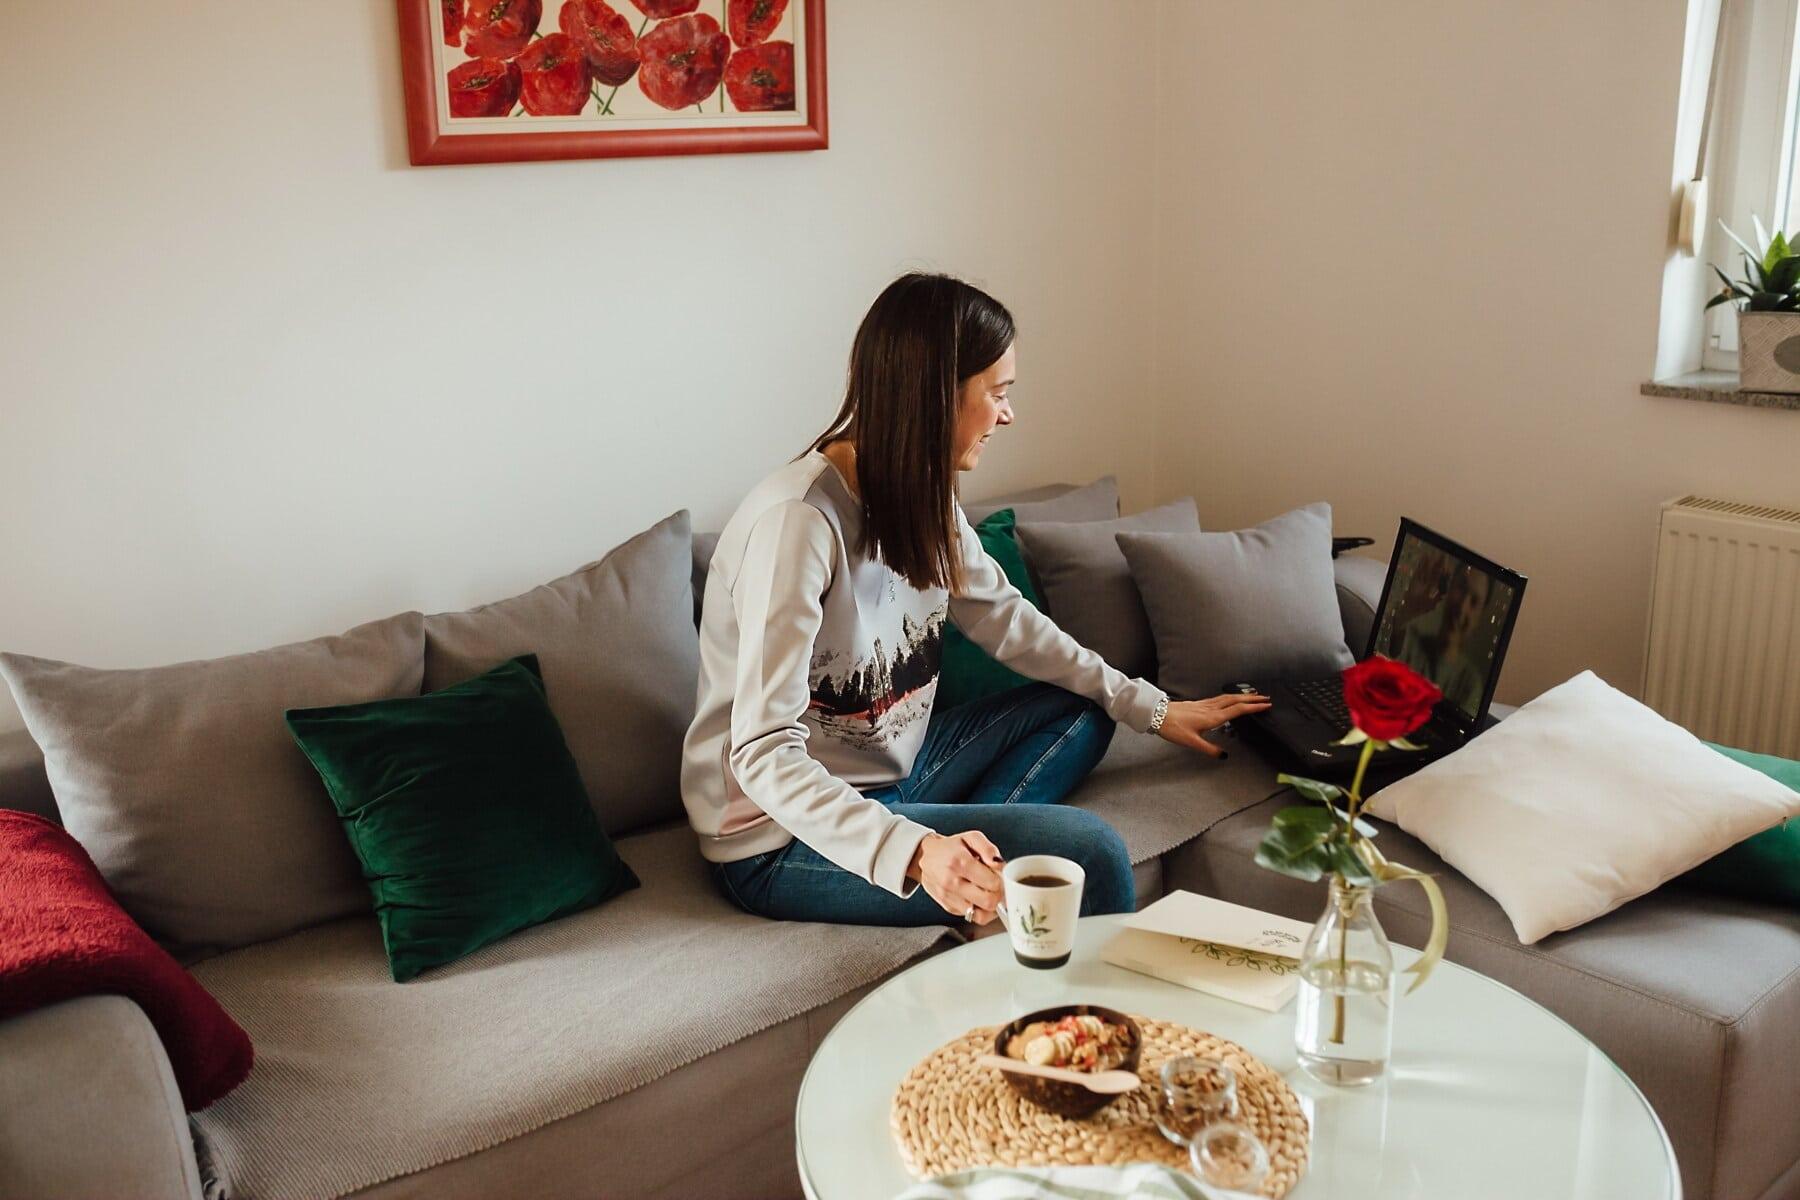 κούπα καφέ, νεαρή γυναίκα, φορητό υπολογιστή, απόλαυση, Σαλόνι, απασχόληση, εργασίας, Αρχική σελίδα, σε εσωτερικούς χώρους, Δωμάτιο